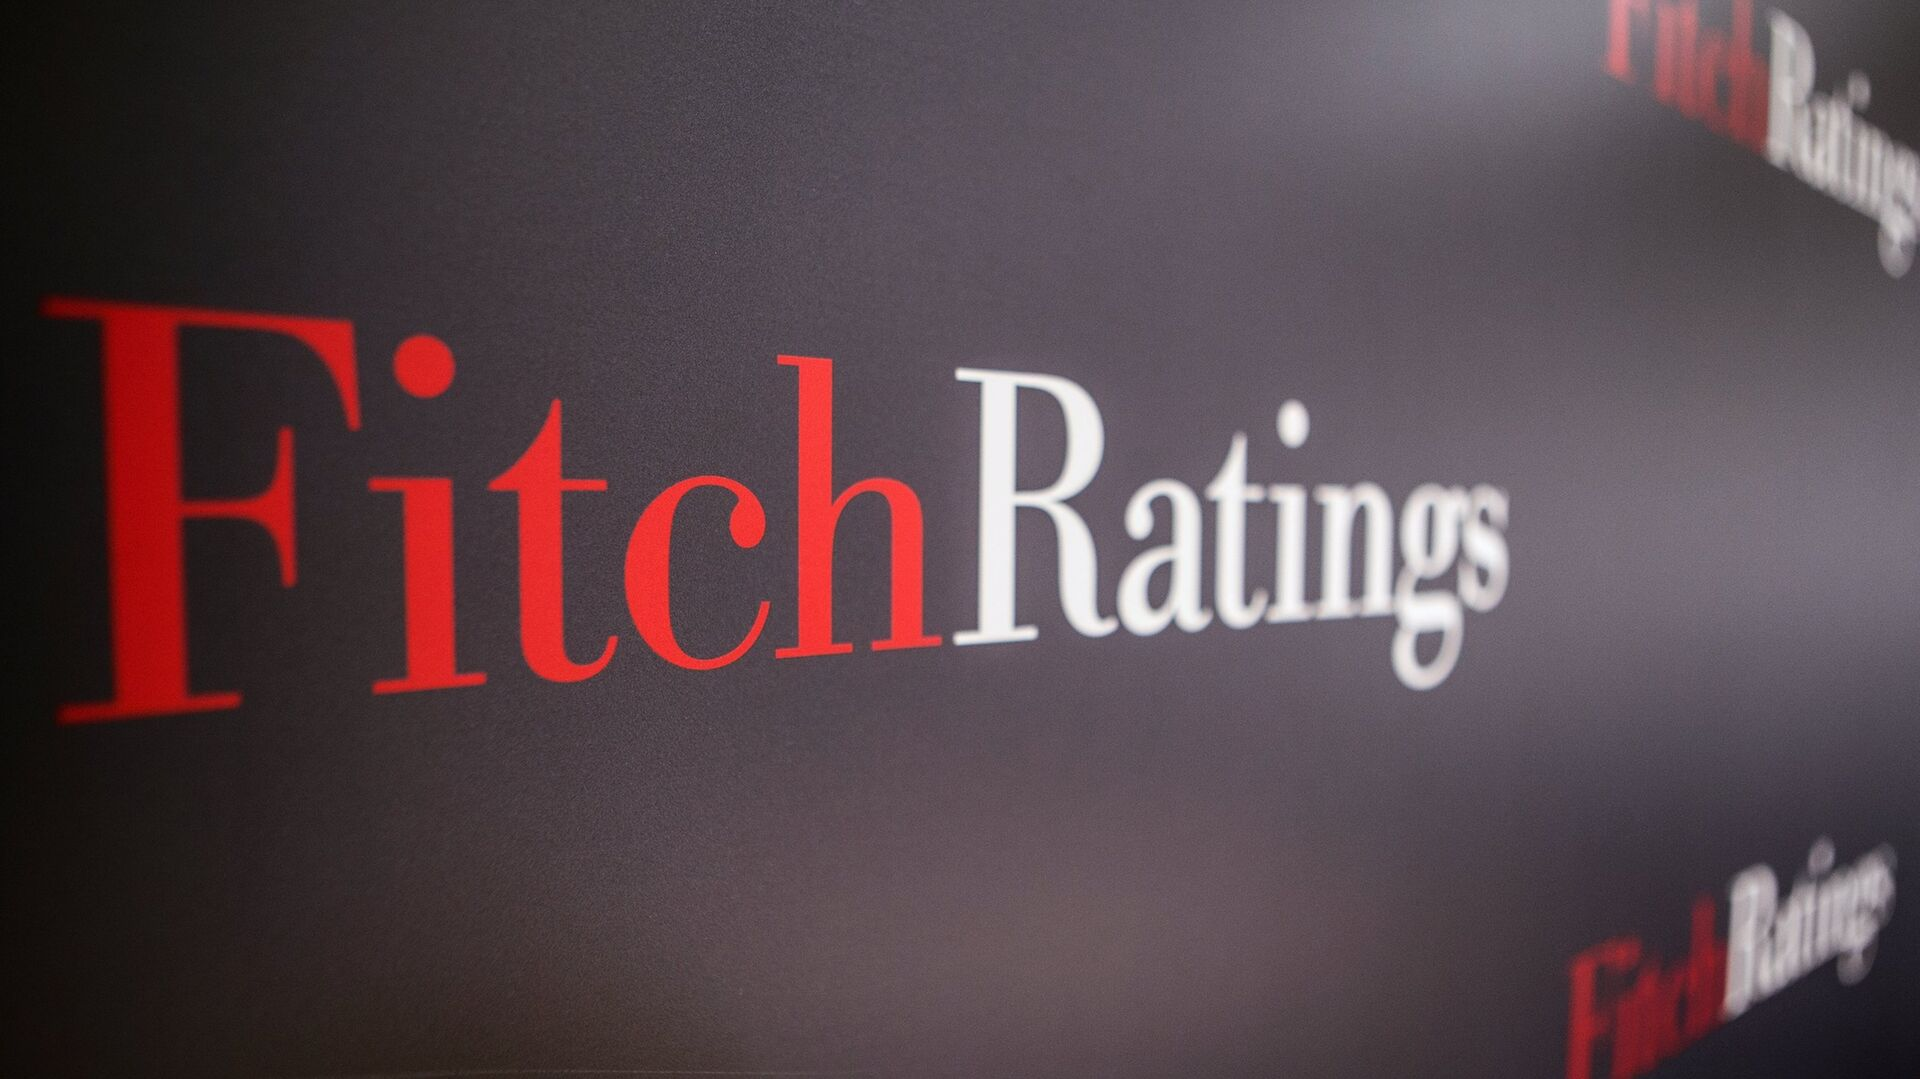 სააგენტო Fitch Ratings-ის ლოგო - Sputnik საქართველო, 1920, 08.08.2021